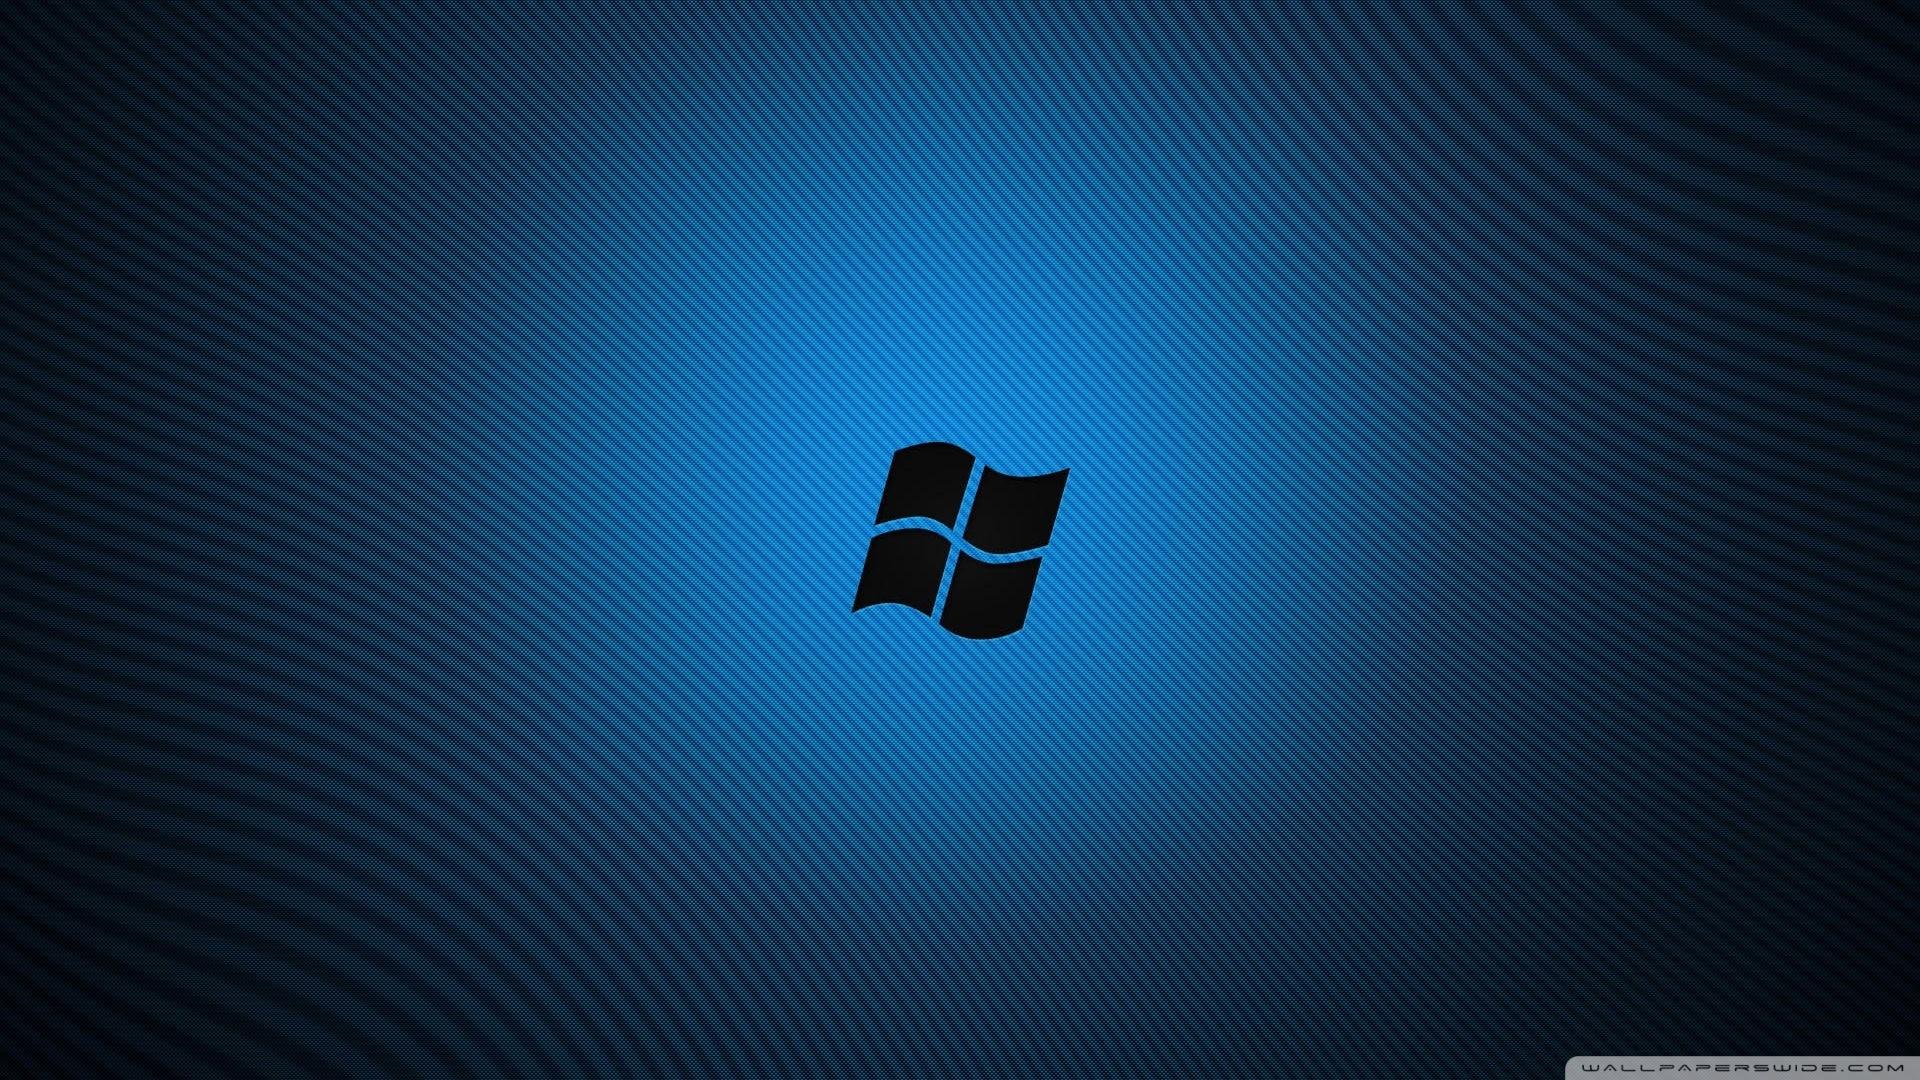 Windows Blue Logo HD desktop wallpaper : High Definition